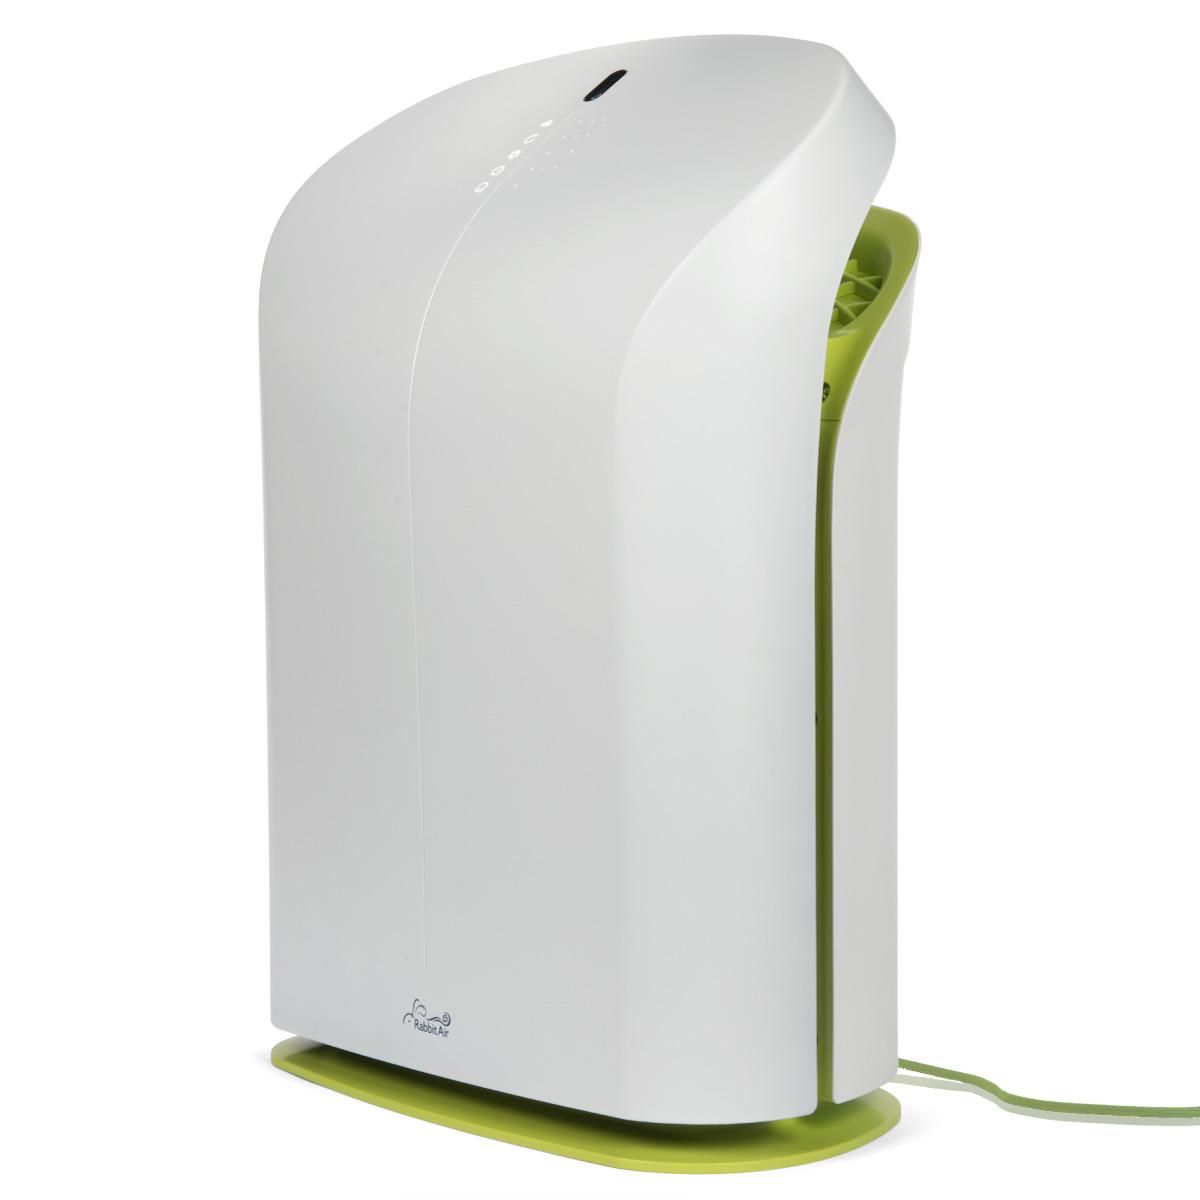 空気清浄機:Rabbit Air BioGS 2.0 Tone リーフ(SPA-625J)